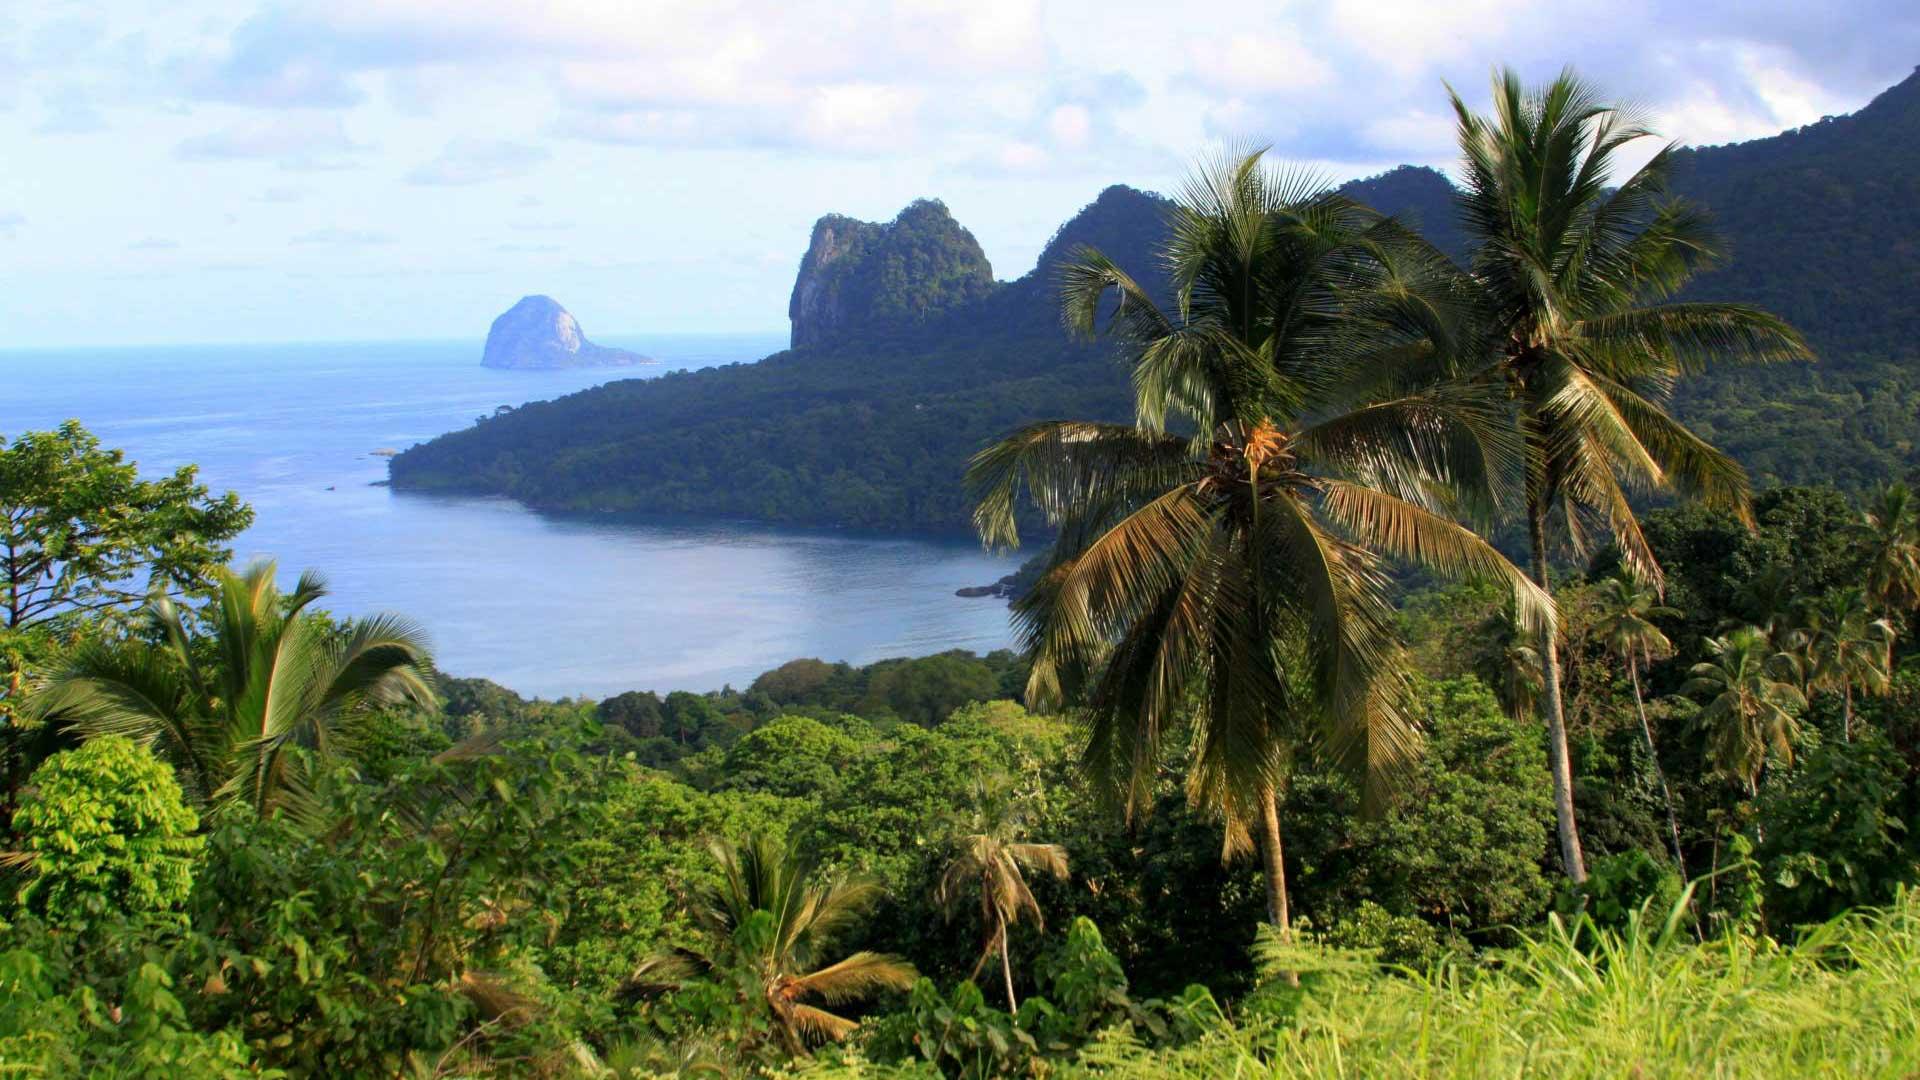 Randonnée et 4x4 sur l'île de Sao Tomé: Roça Bombaim, forêts primaires et secondaires, Roça Agua Izé, Boca do Inferno